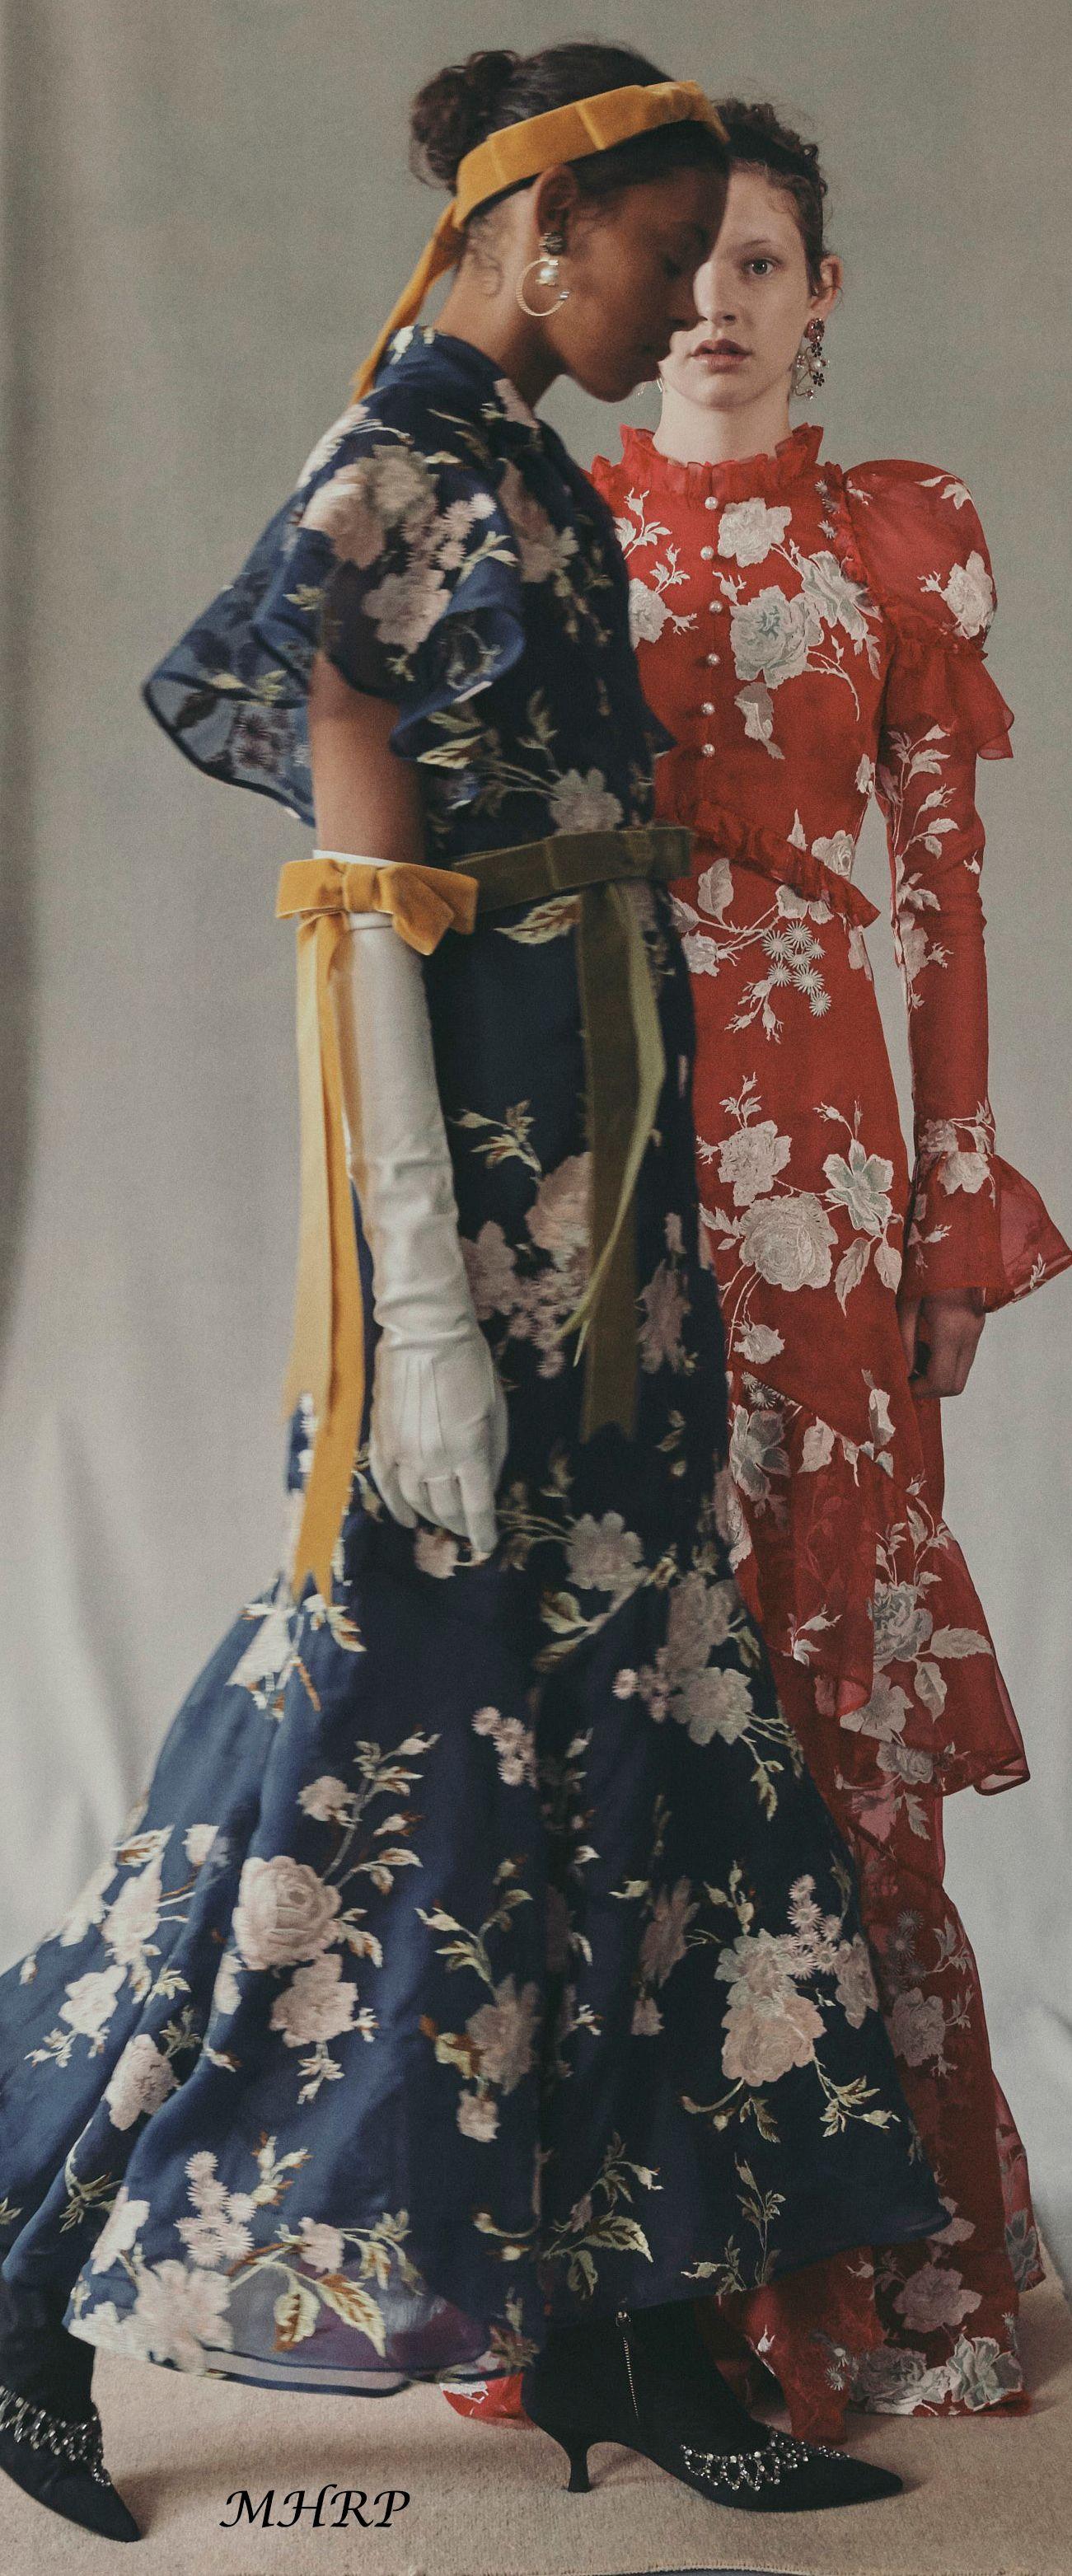 erdem-vogue-resort-2019 | Fashion photography: color ...